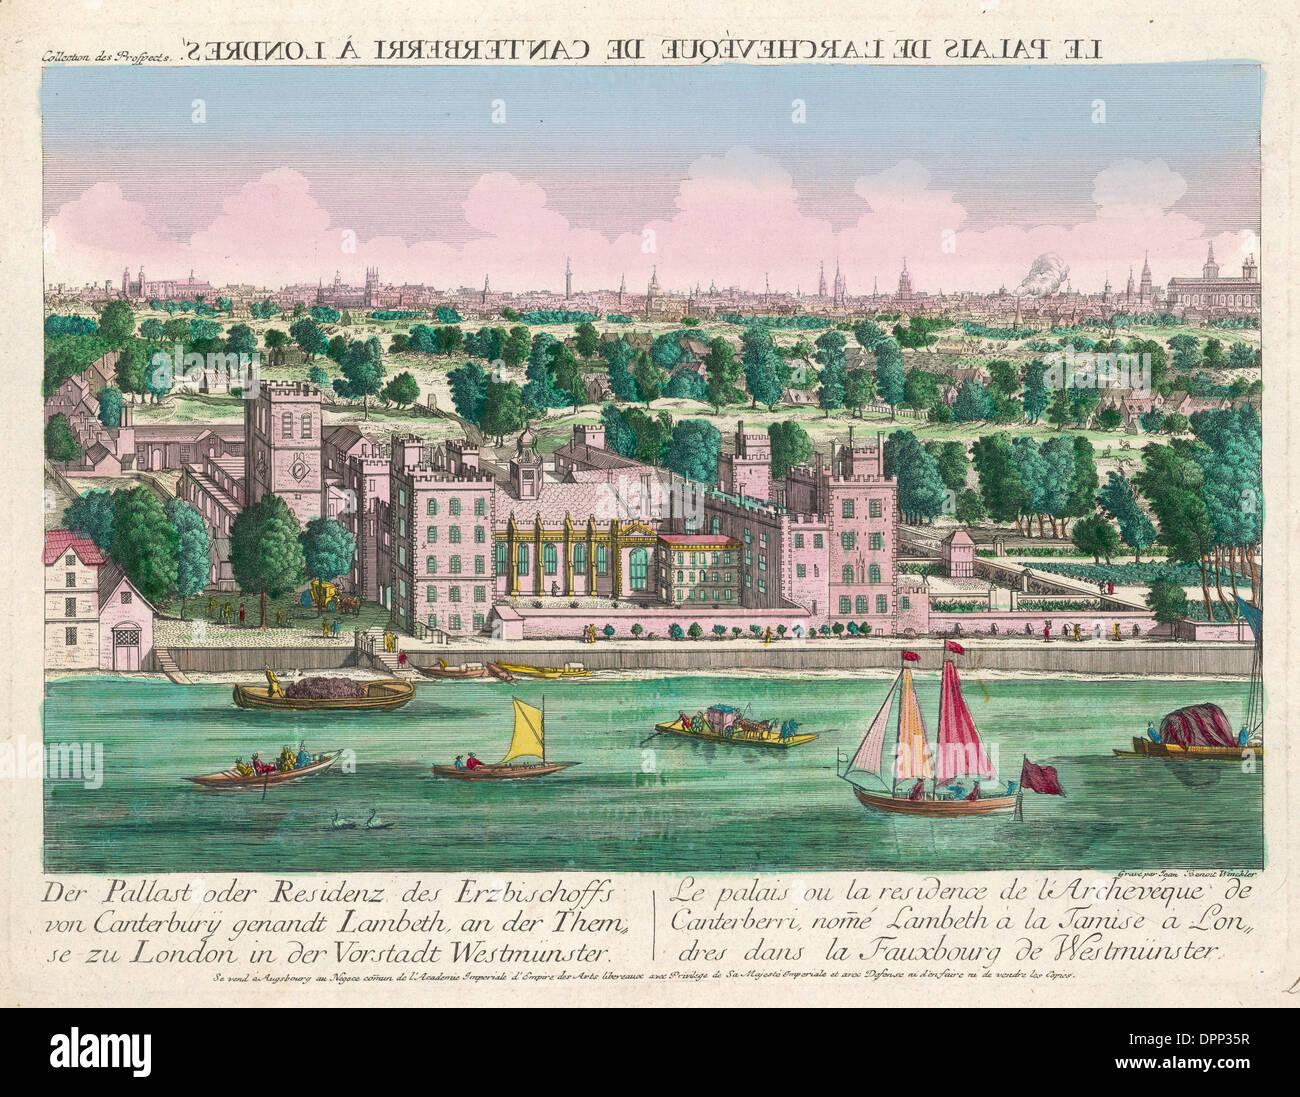 LAMBETH PALACE C18 - Stock Image